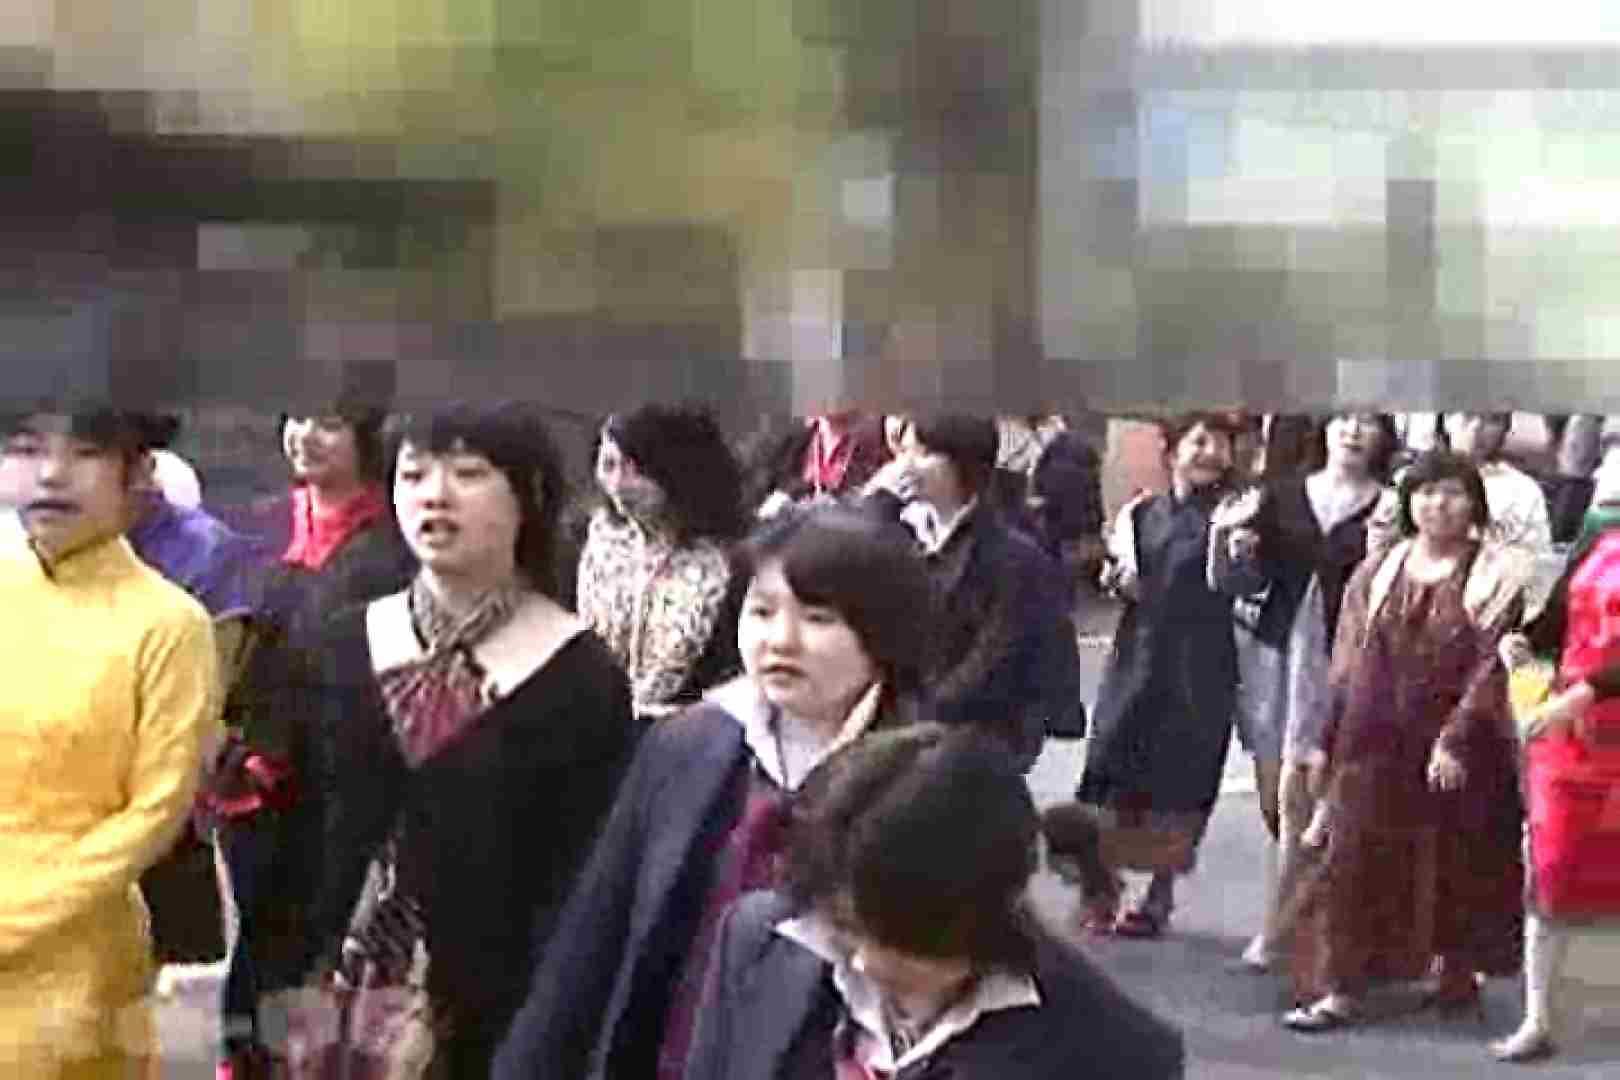 合宿ホテル女風呂盗撮高画質版 Vol.06 女風呂 オメコ動画キャプチャ 107連発 89